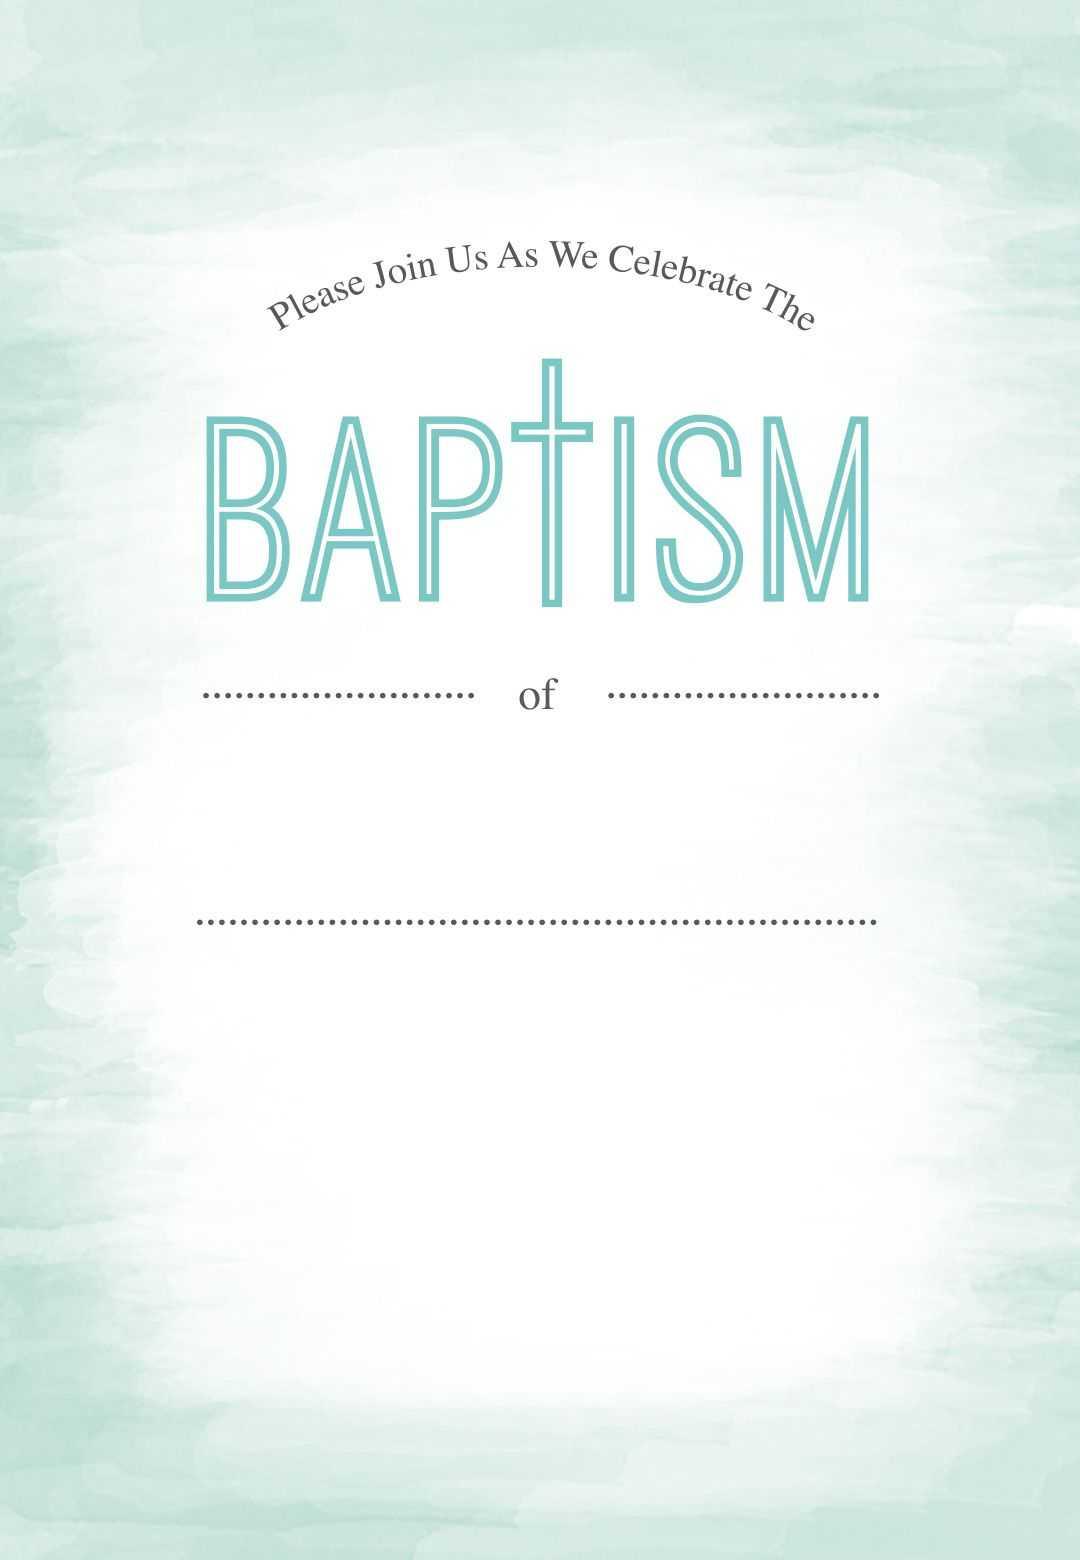 Water - Free Printable Baptism & Christening Invitation Intended For Blank Christening Invitation Templates